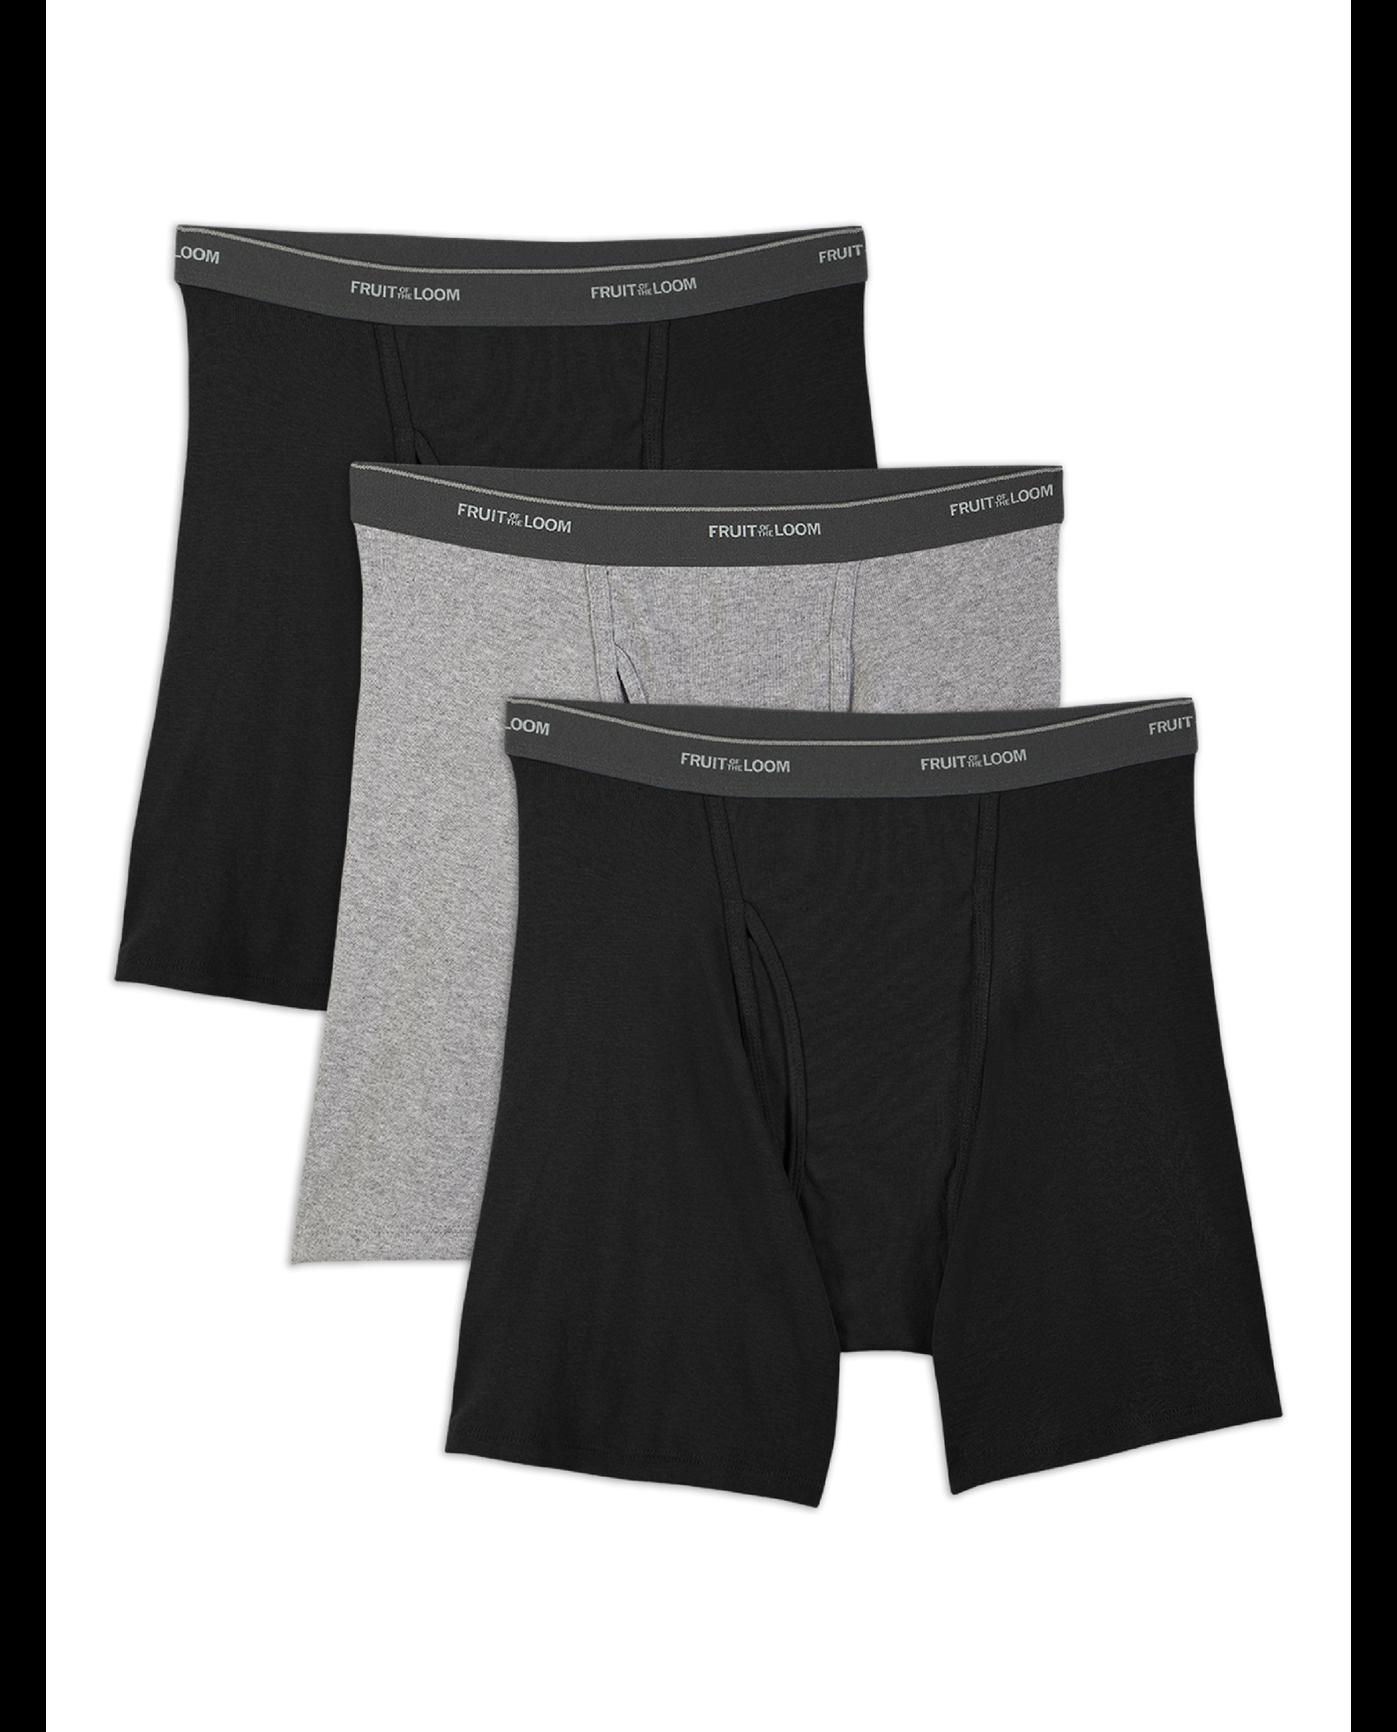 28cc39bbef81 Men's Dual Defense Black/Gray Boxer Briefs, 3 Pack Black Grey